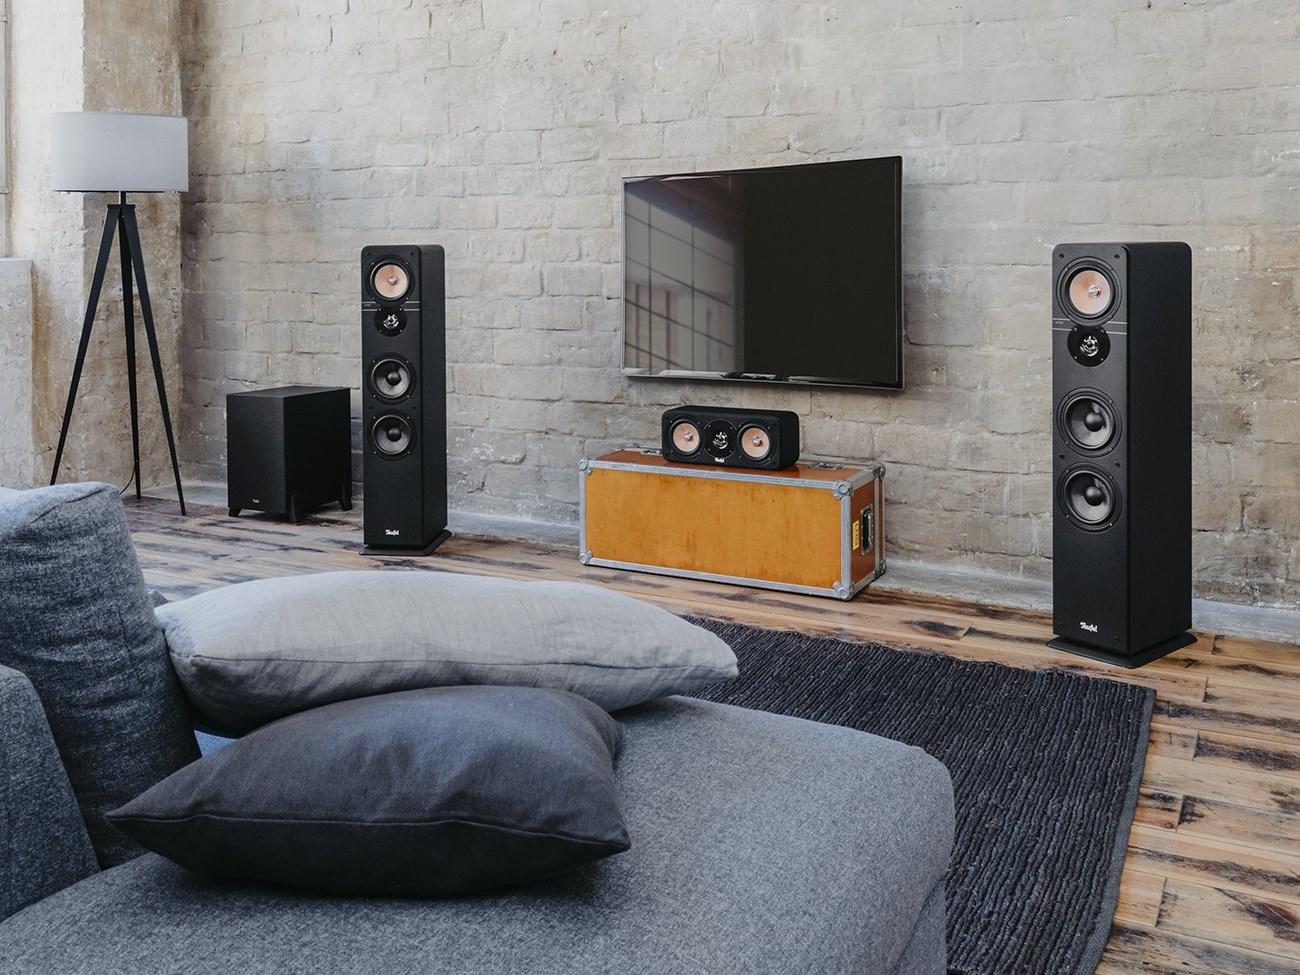 Wohnzimmer mit Teufel Ultima 40 Surround AVR für Dolby Atmos 5.1.2-Heimkinosystem